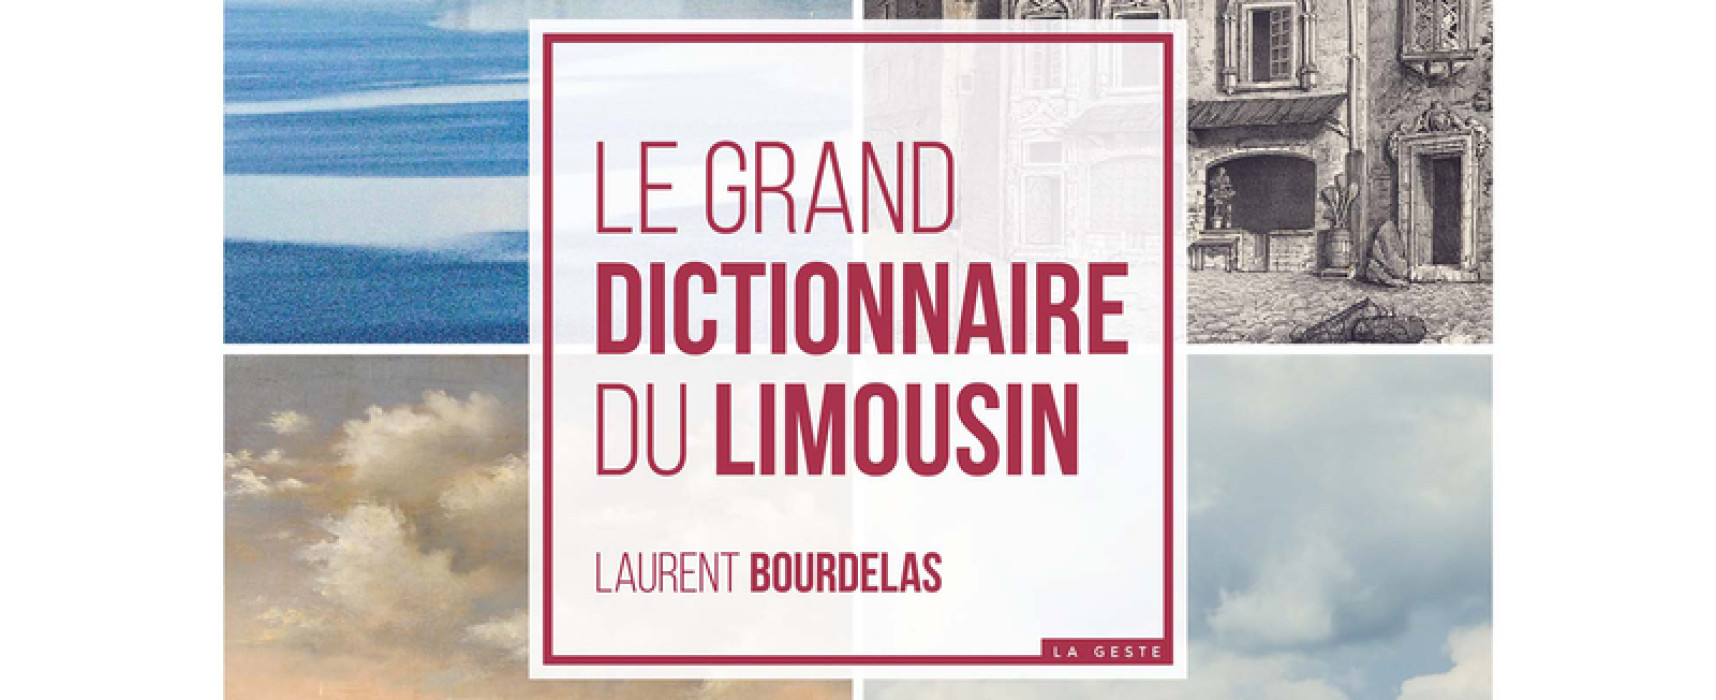 Conférence-dédicaces avec Laurent Bourdelas pour son livre «Le grand dictionnaire du Limousin» #Médiathèque #Felletin